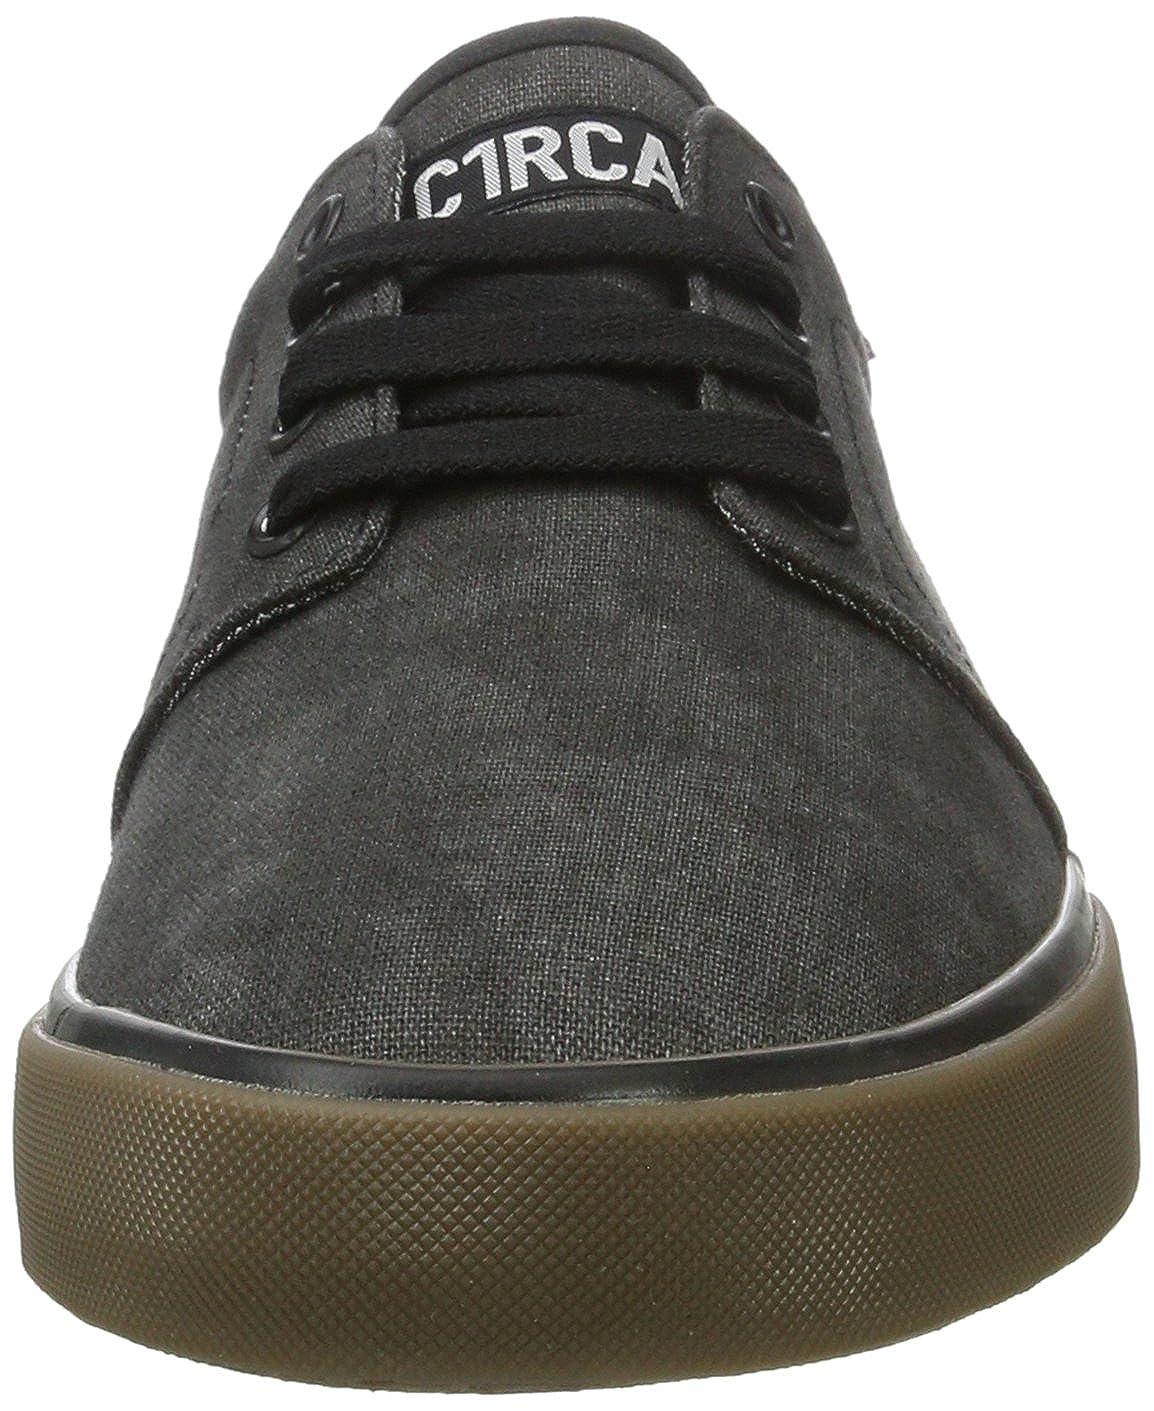 C1RCA Unisex-Erwachsene Drifter Grau Niedrig-Top Grau Drifter (Charcoal/Gum) 7cb3f6